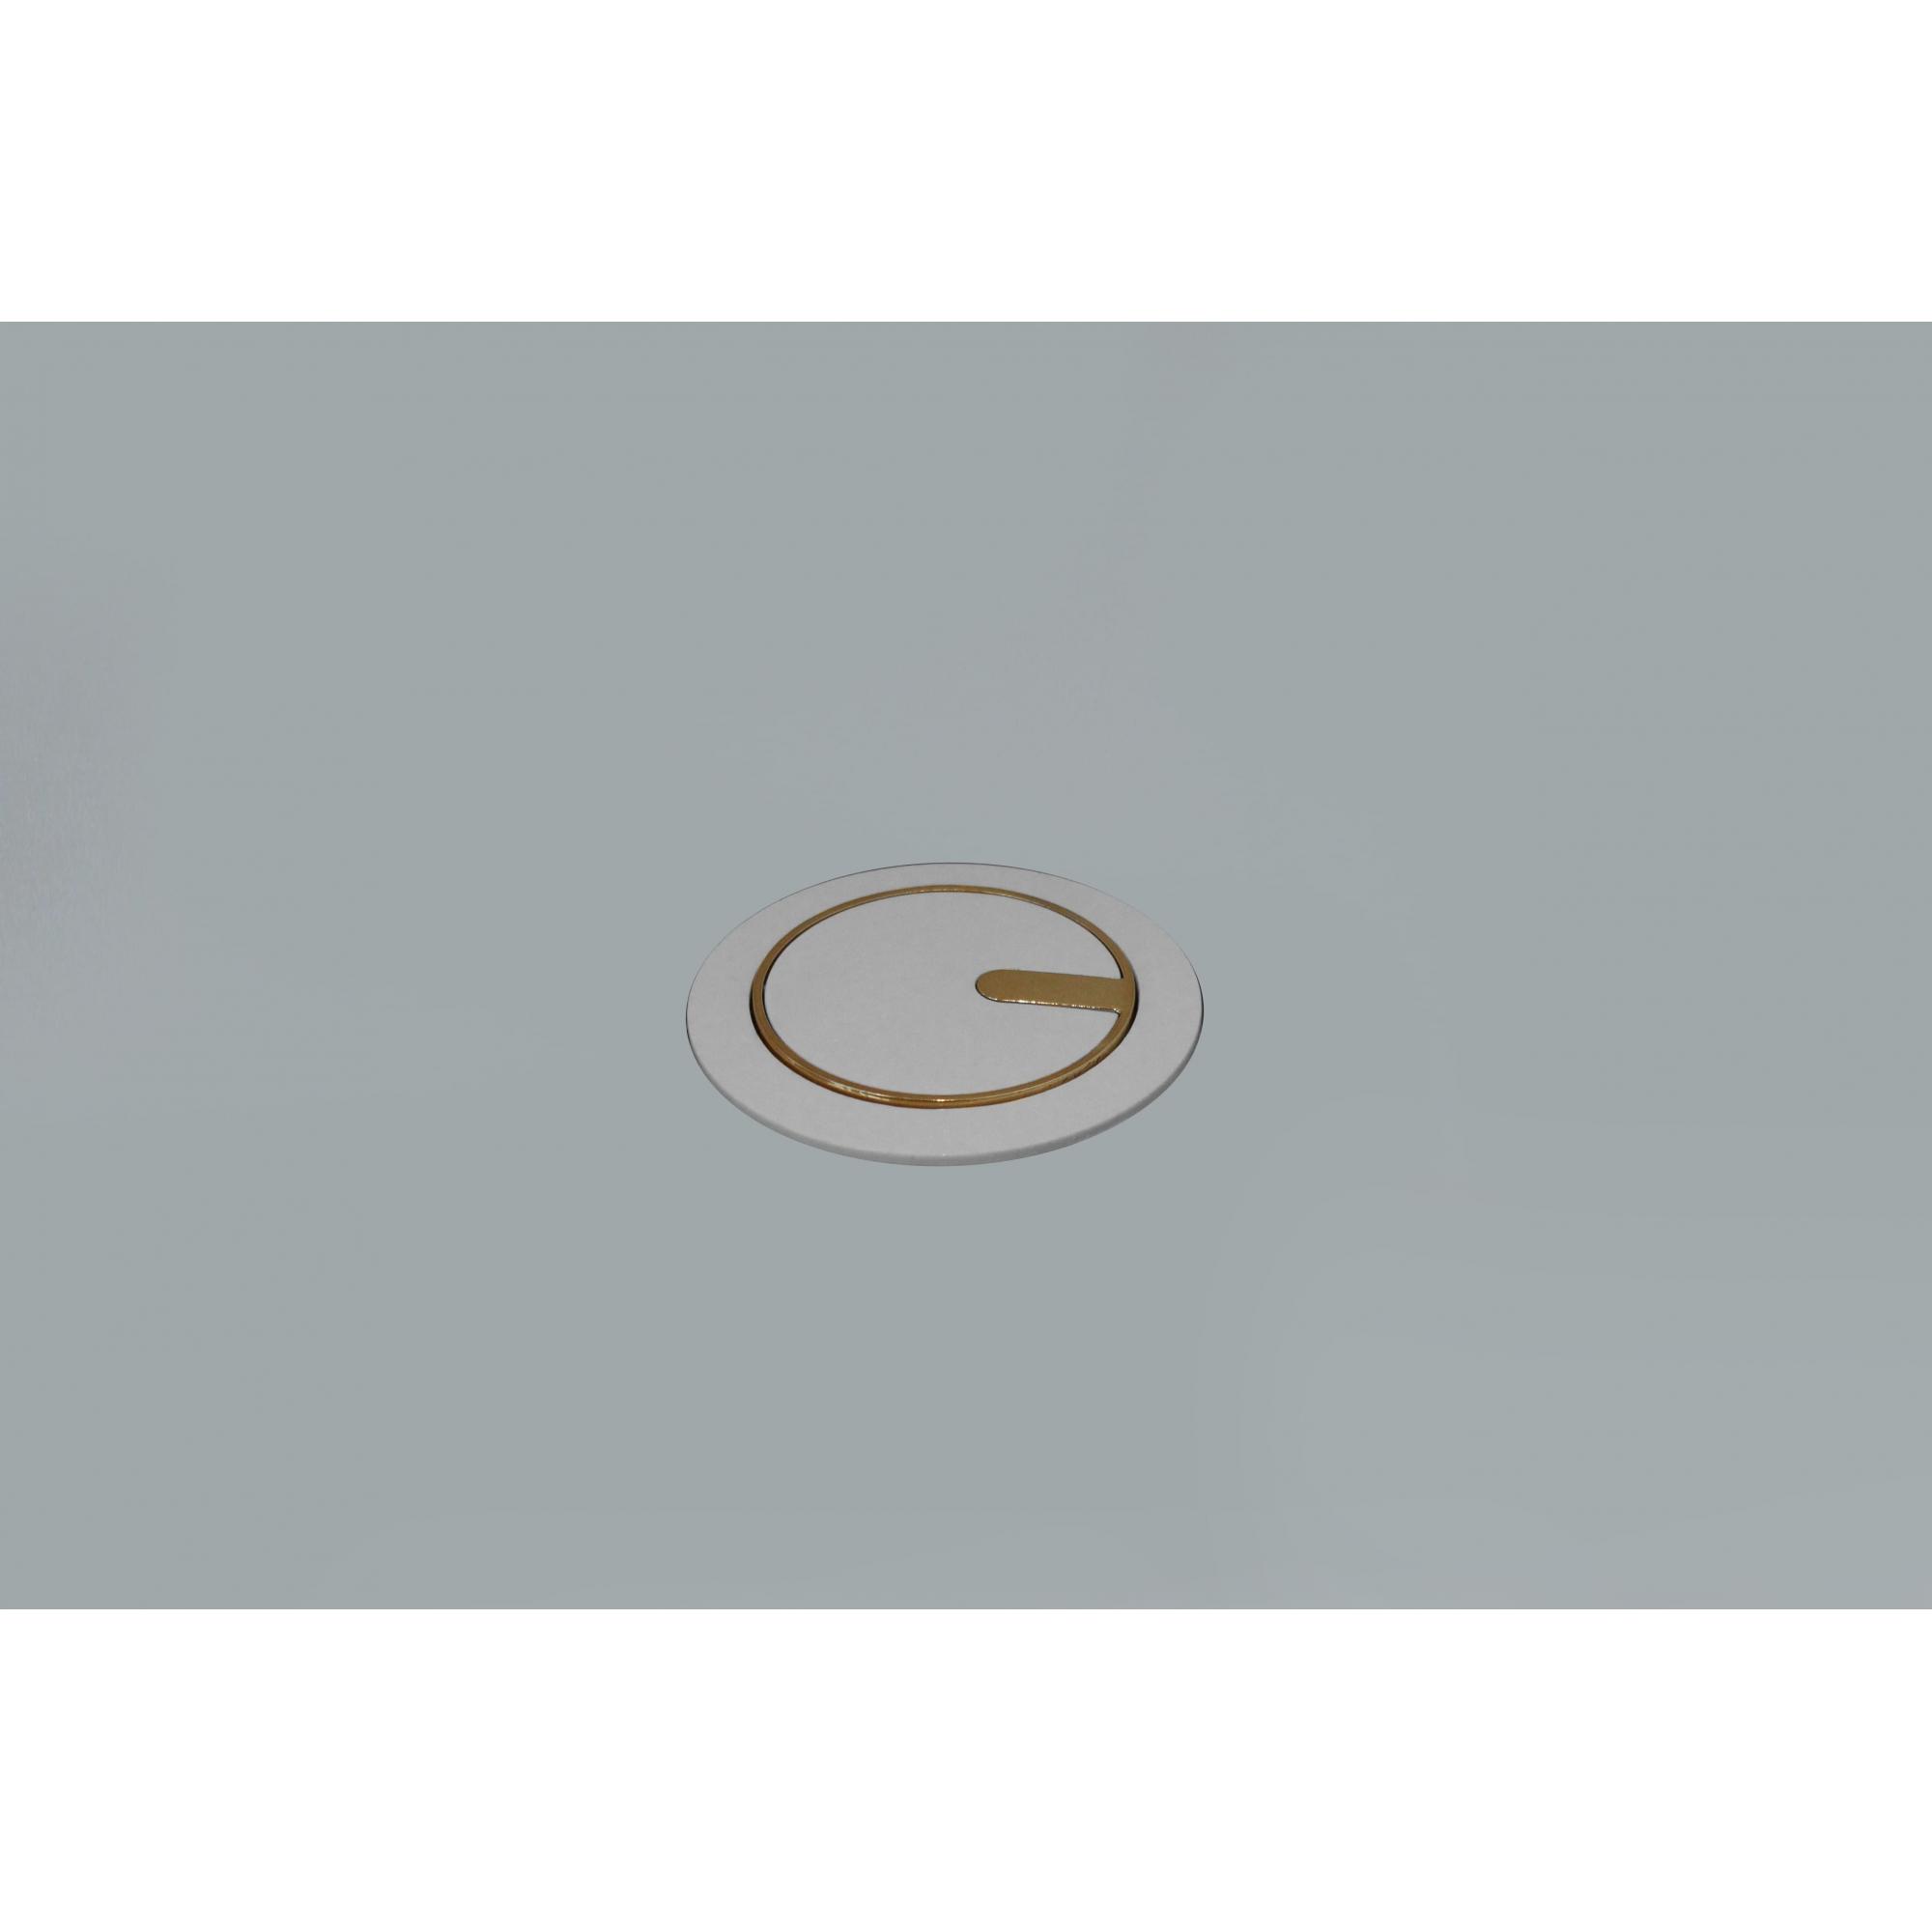 MINI TOTEM AUTOMATICO DUTOTEC 1TOM 10A+2USB- BR/OURO CLASSIC